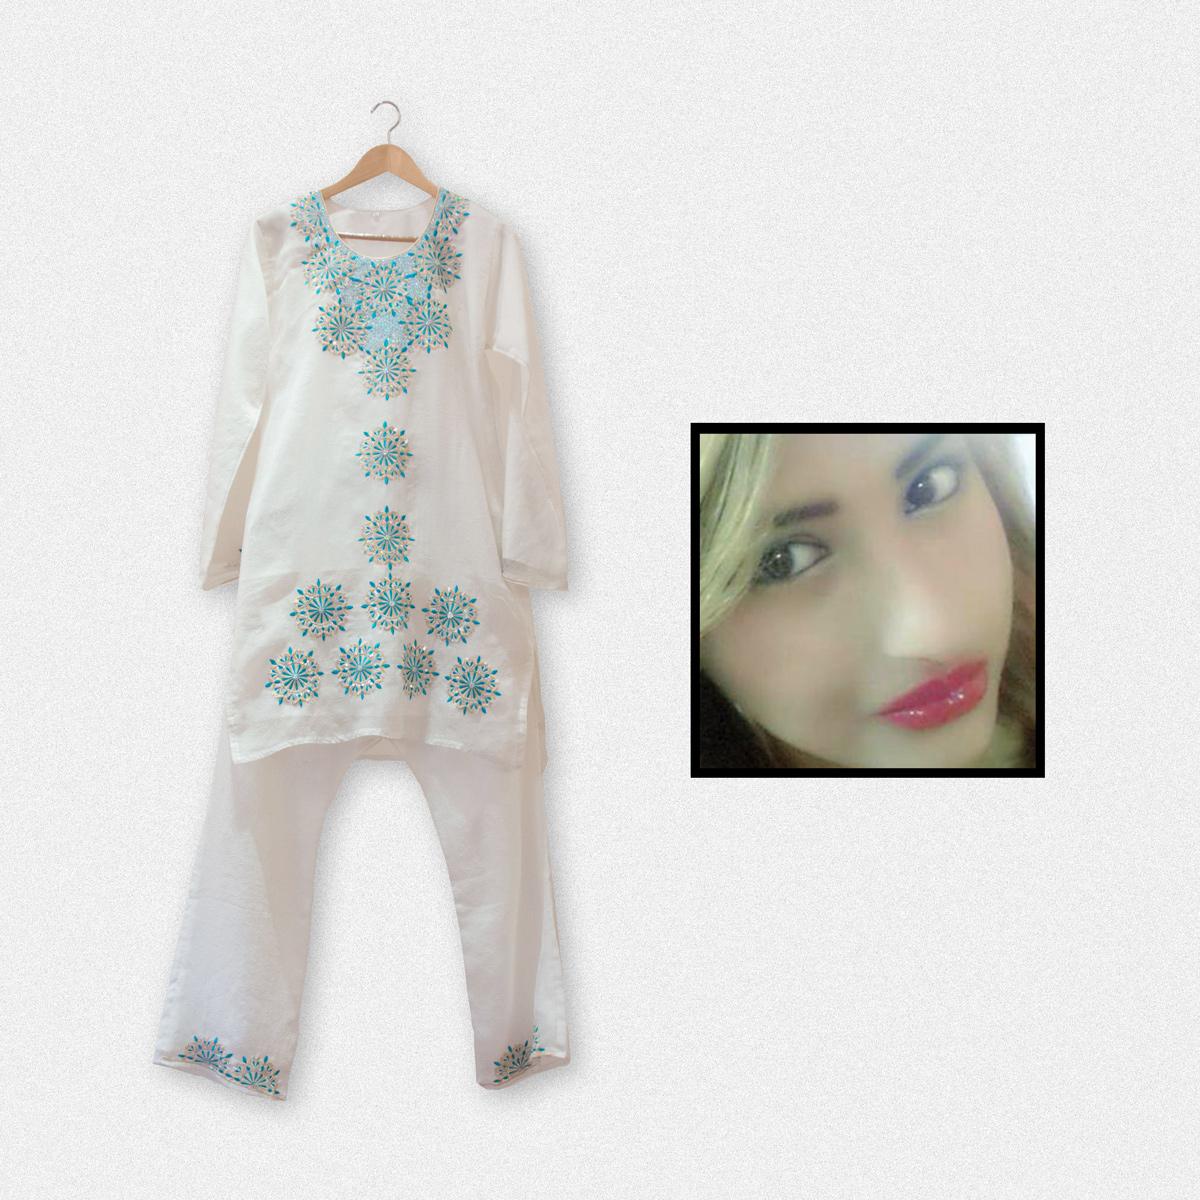 Fatma Elhib